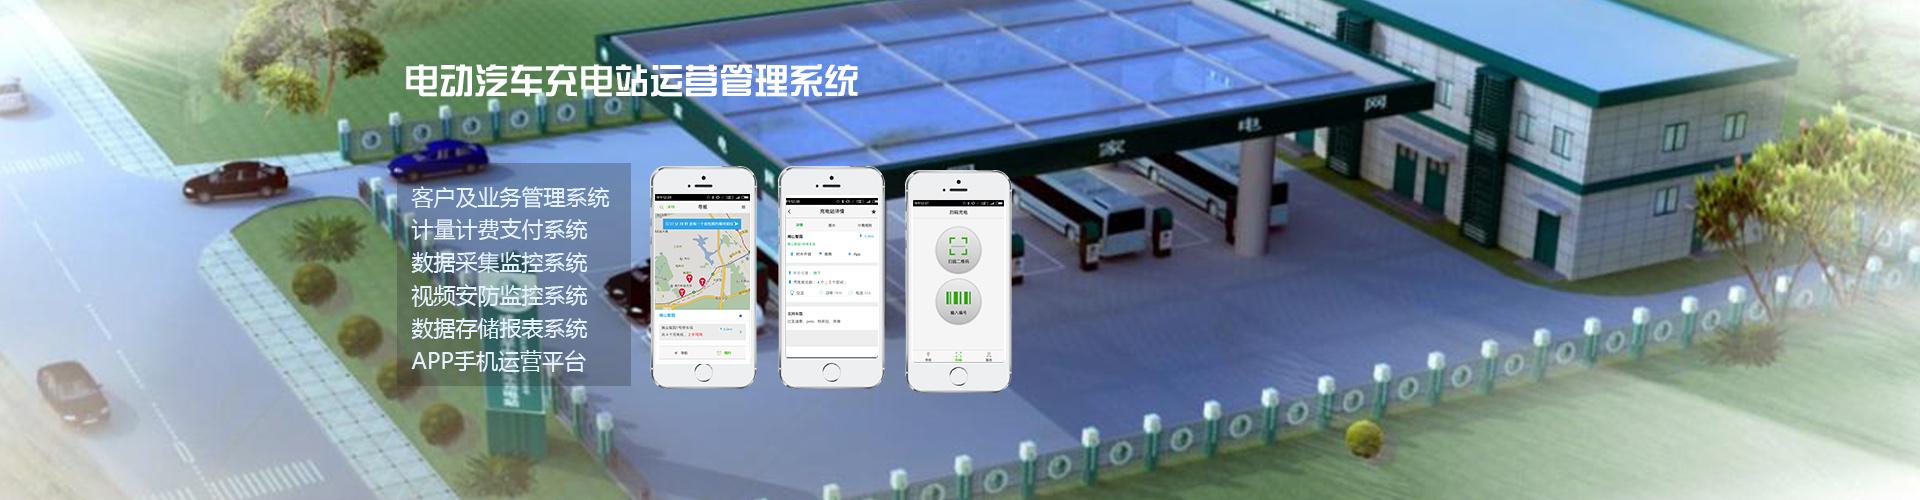 電動汽車充電站監控系統